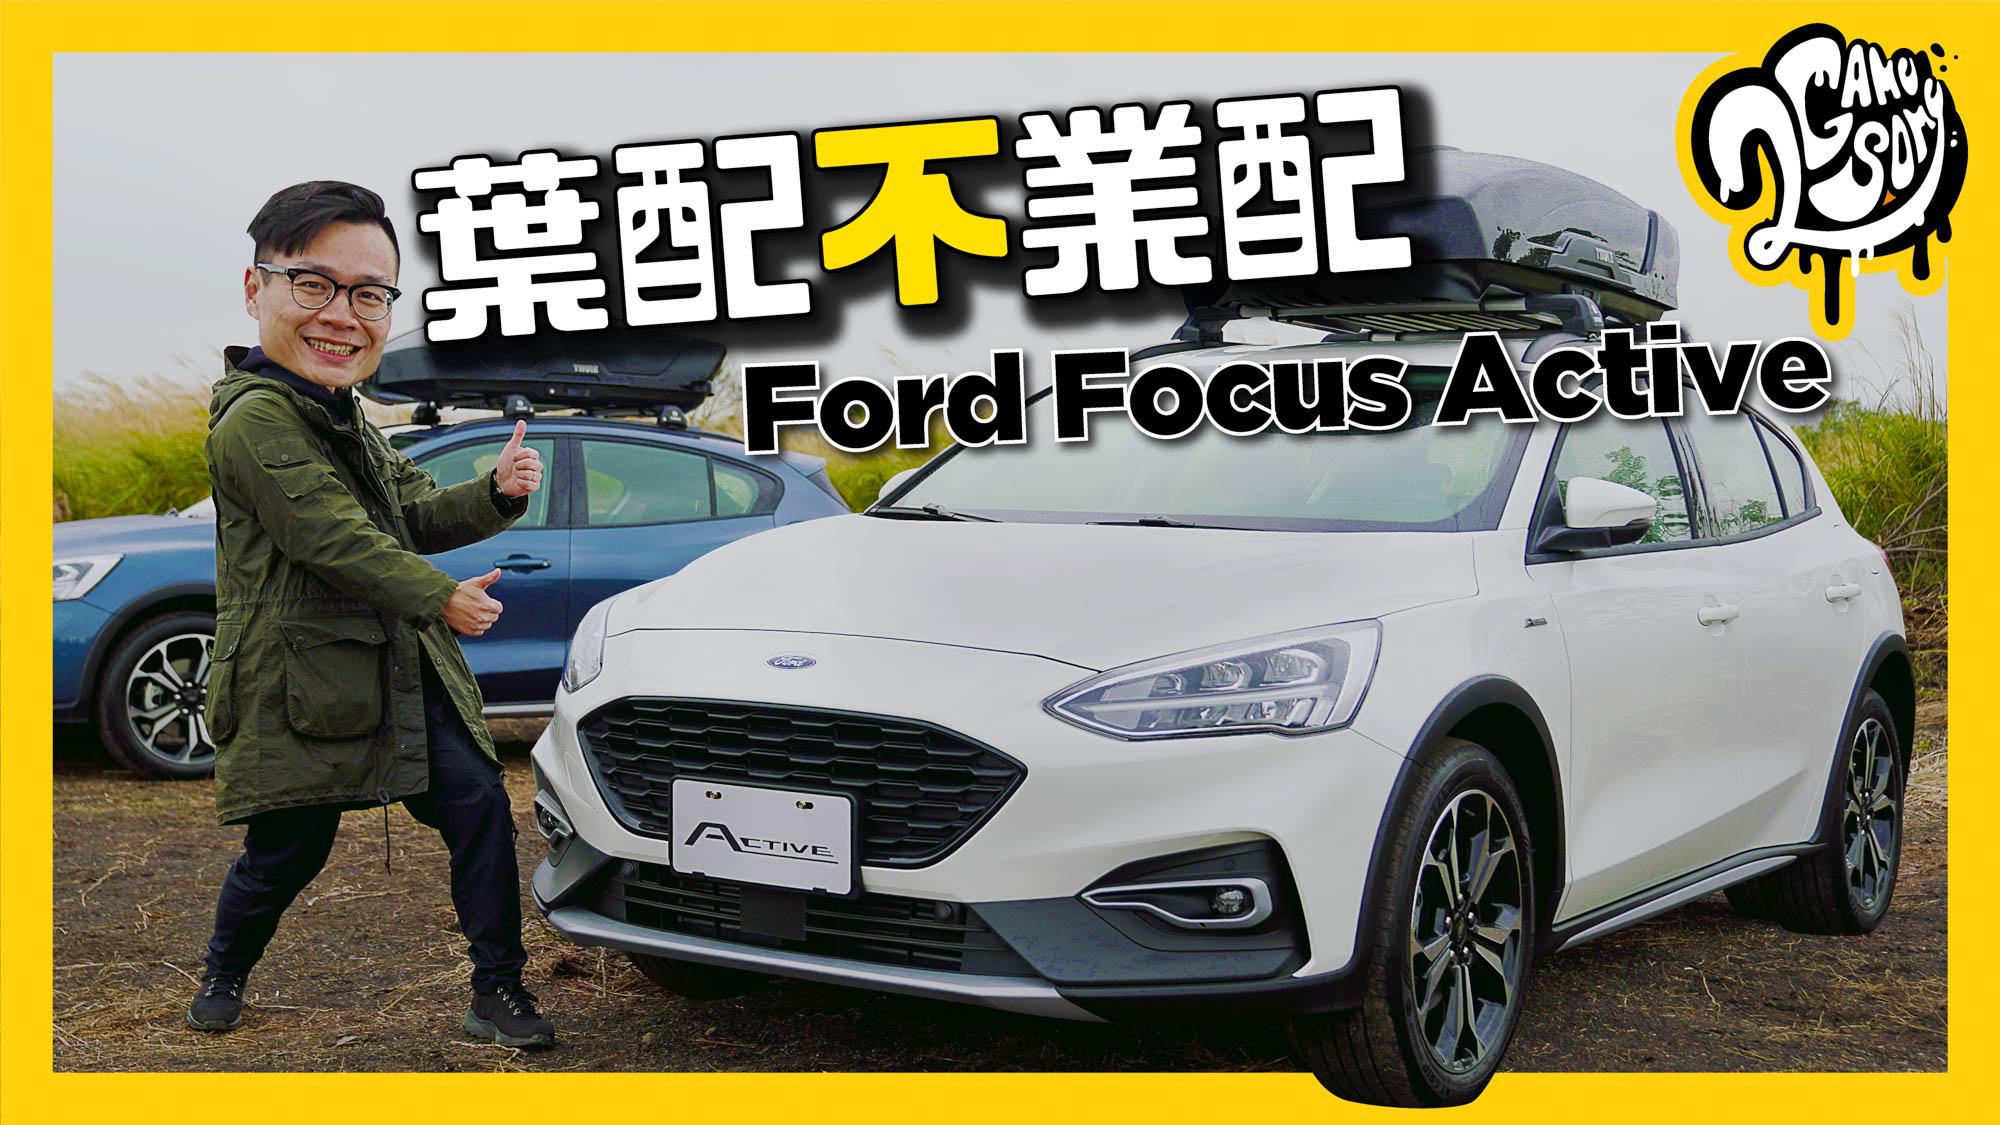 葉配不業配 - 每月好車激推 Ford Focus Active